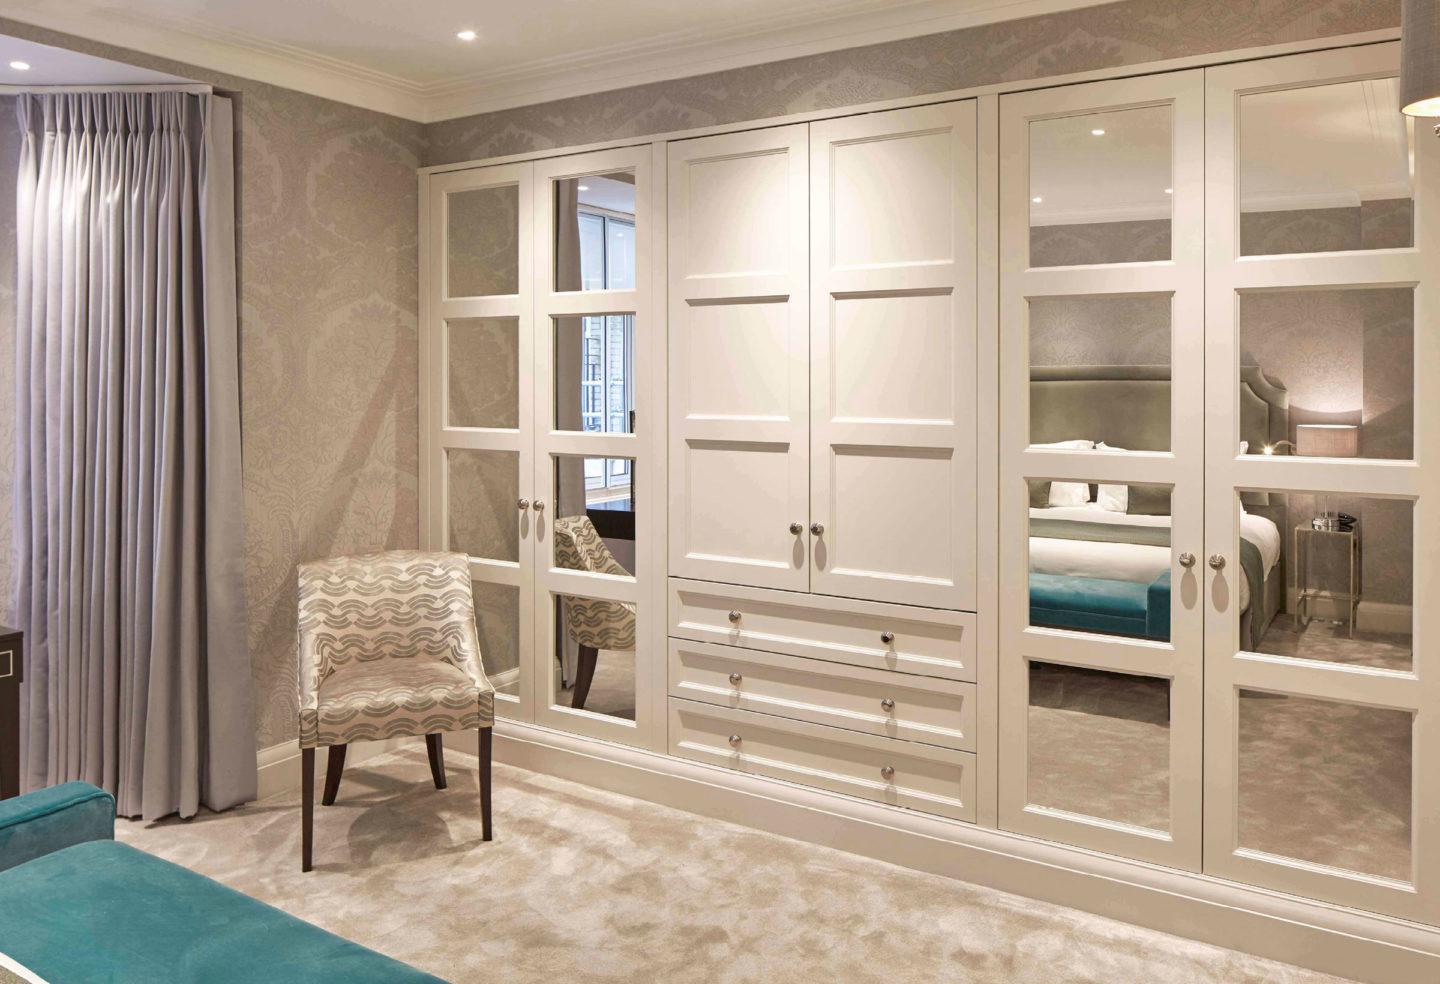 Как выбрать шкаф: полезные рекомендации